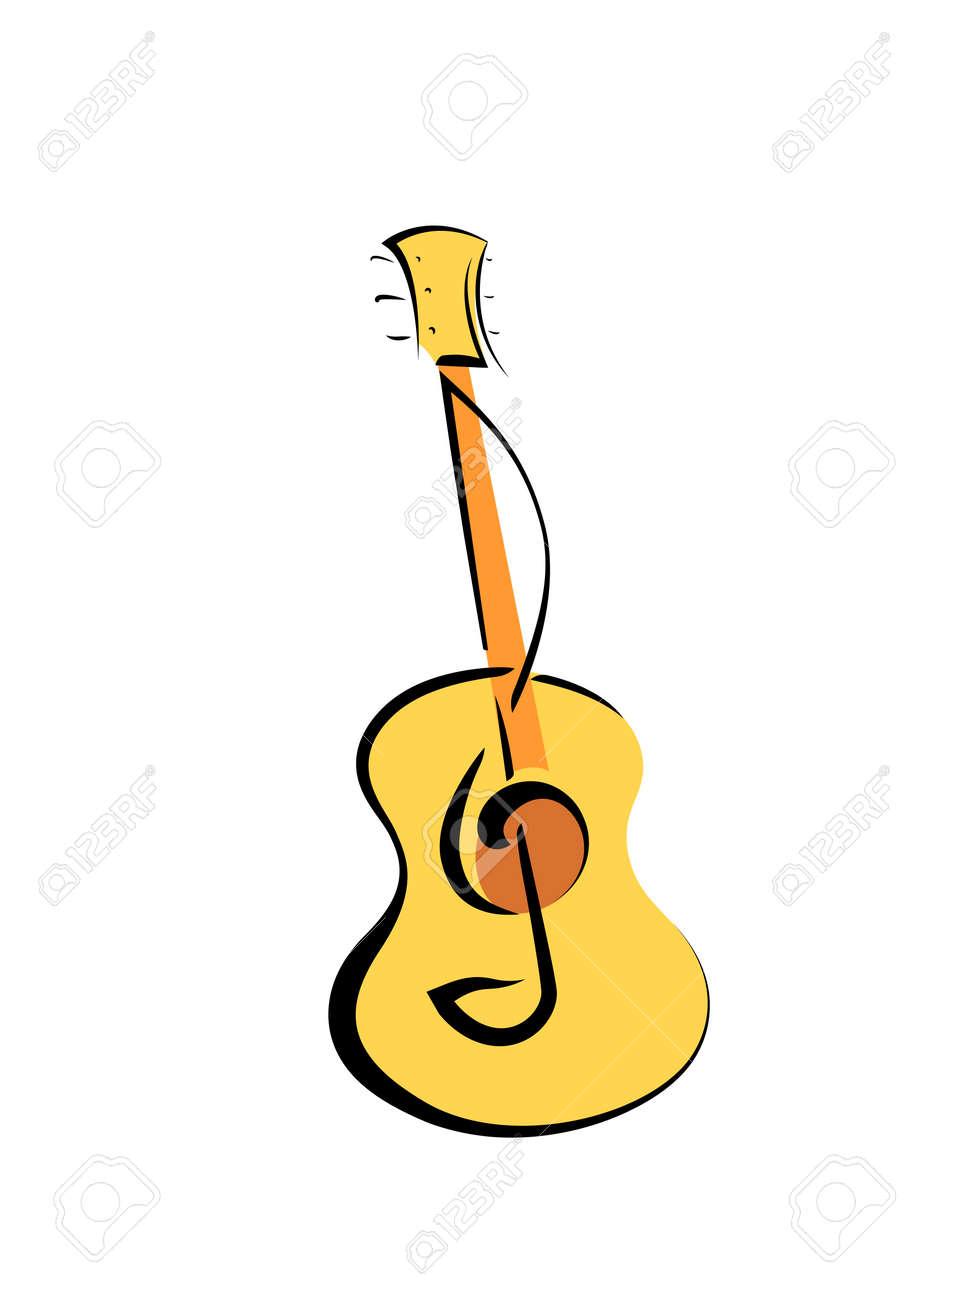 Cartel De La Música Instrumento De La Guitarra Acústica Y La Clave De Sol Ilustración Vectorial